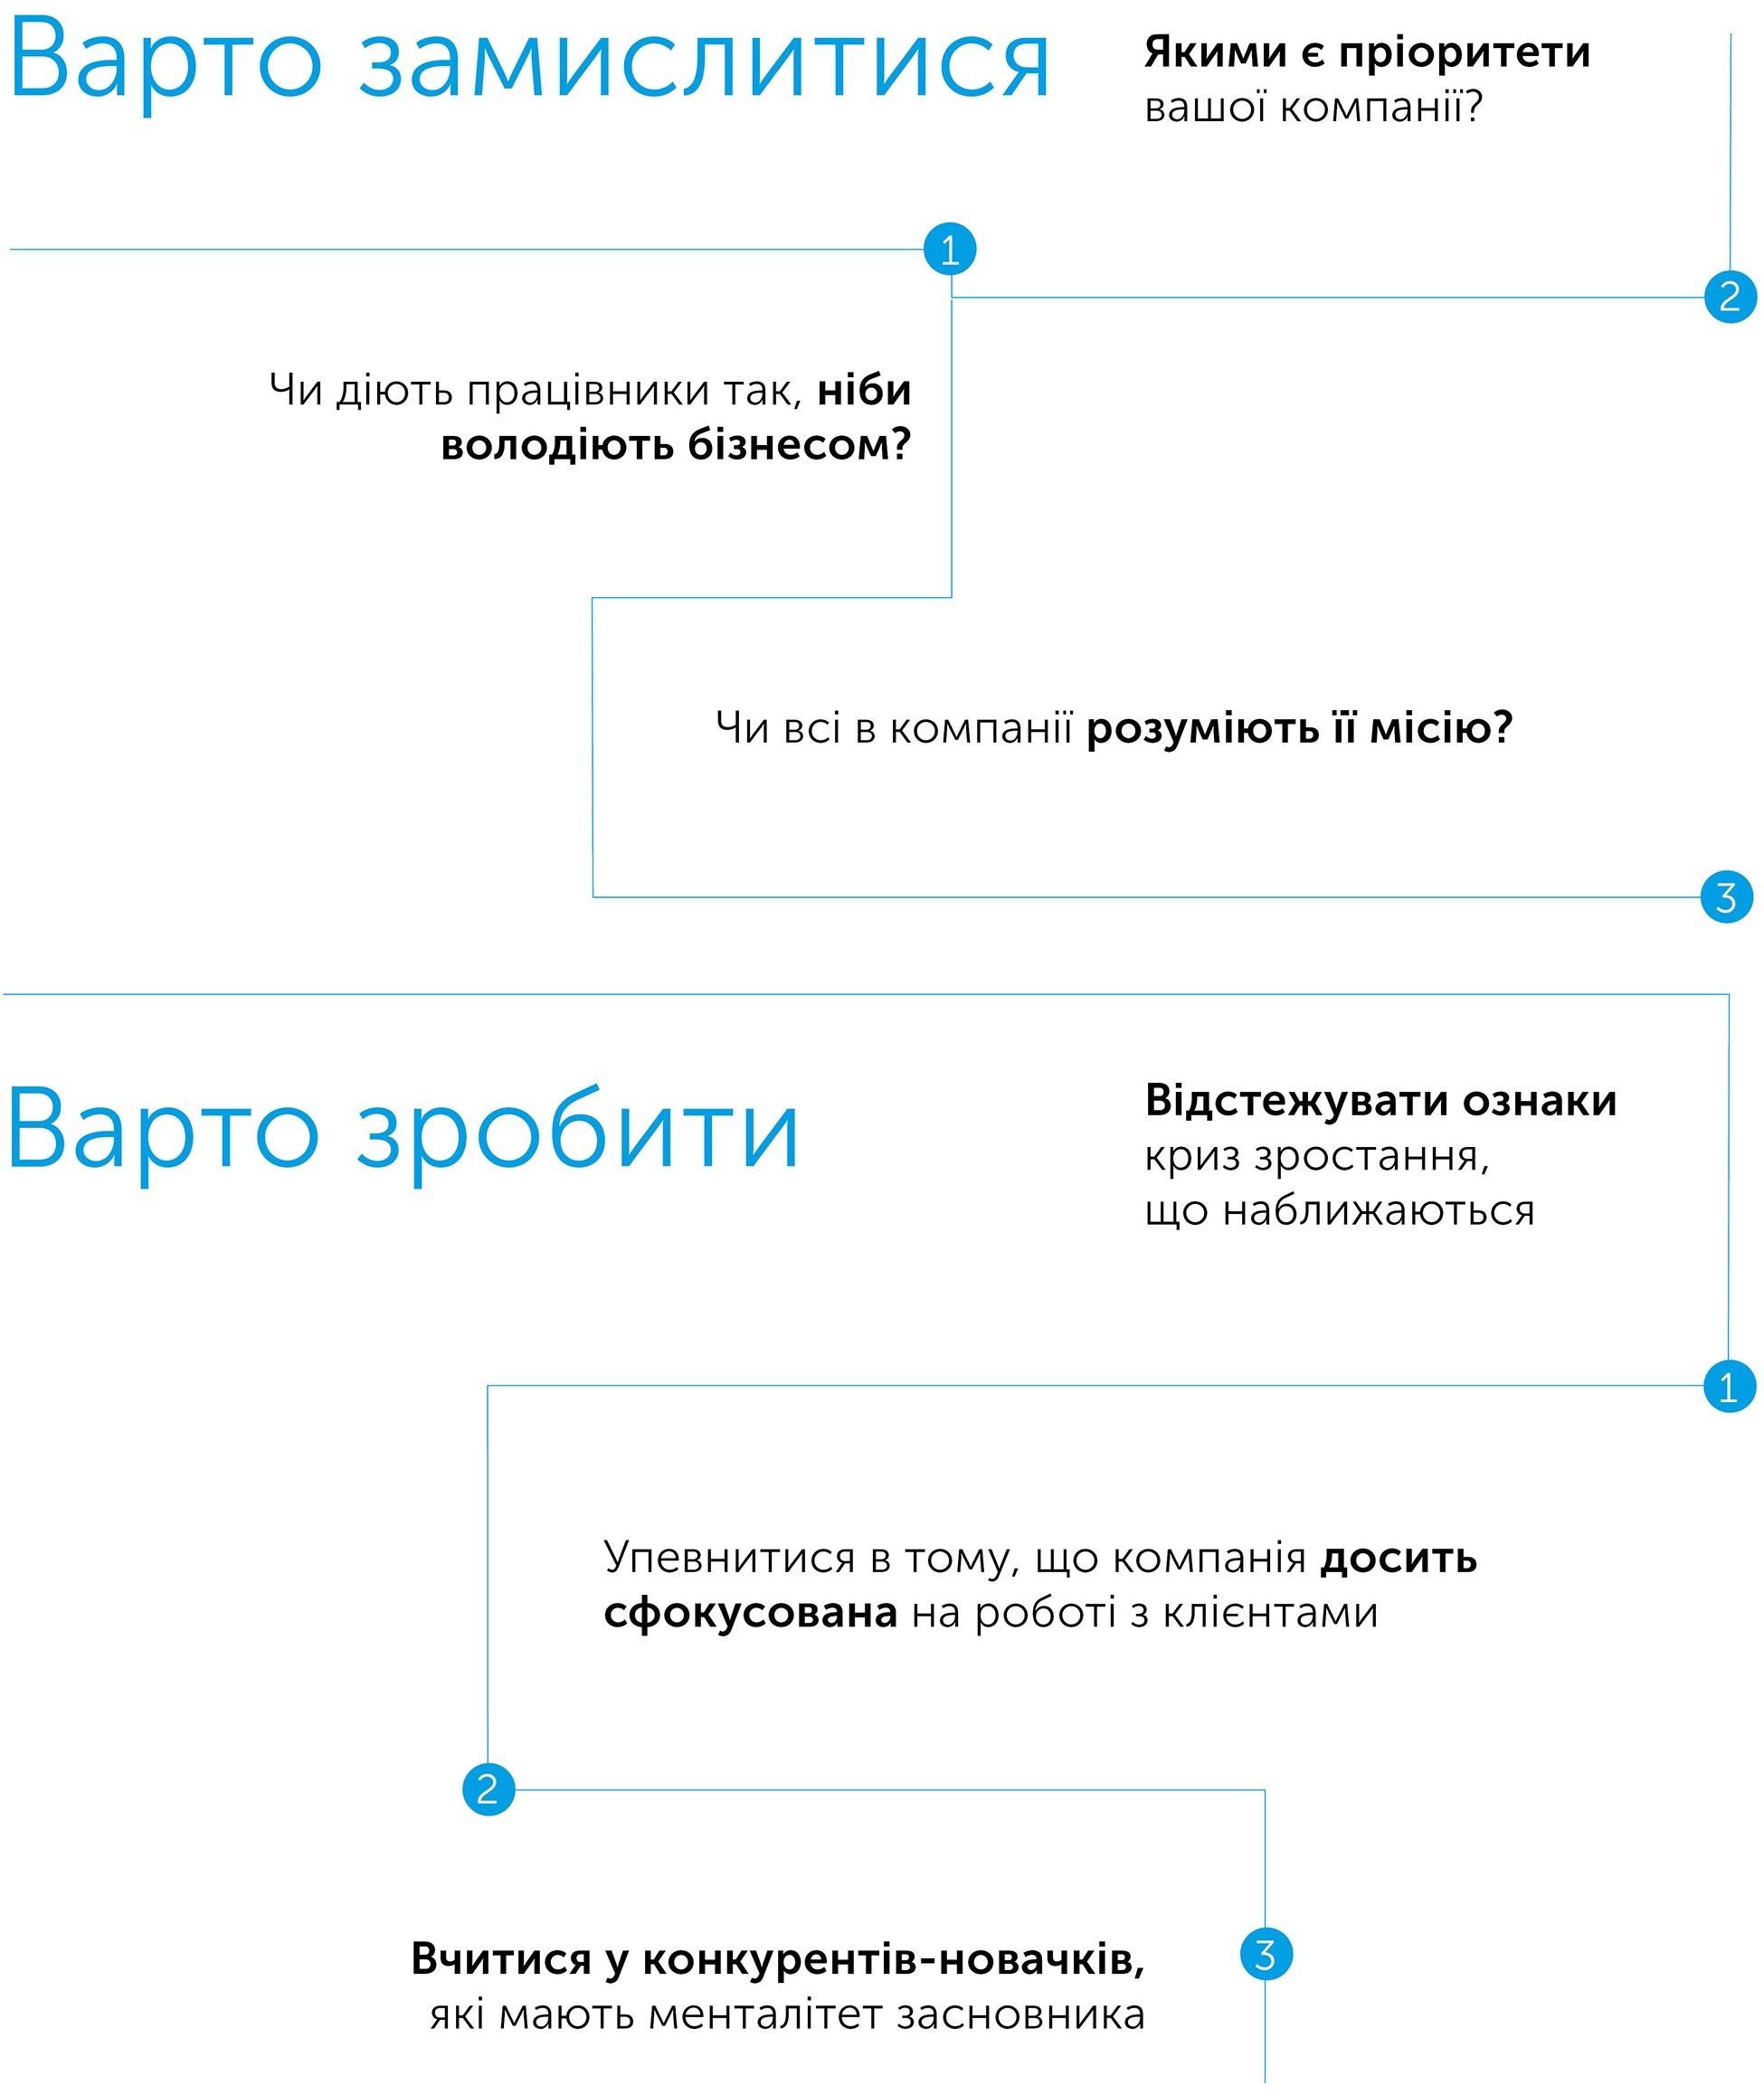 Менталітет засновника: як подолати передбачувані кризи зростання, автор Девід Зук | Kyivstar Business Hub, зображення №4